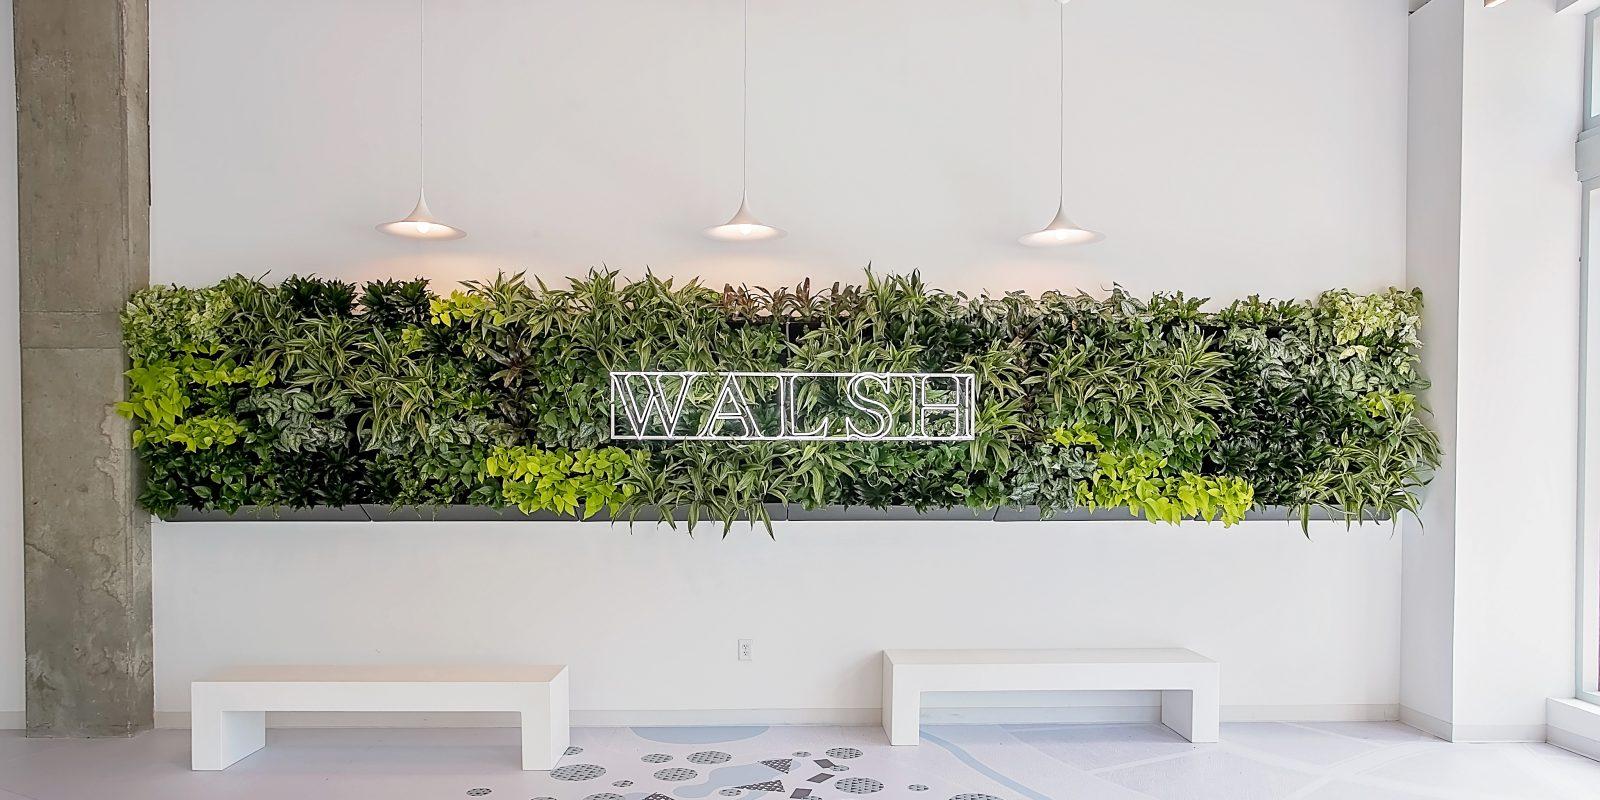 Walsh Ranch